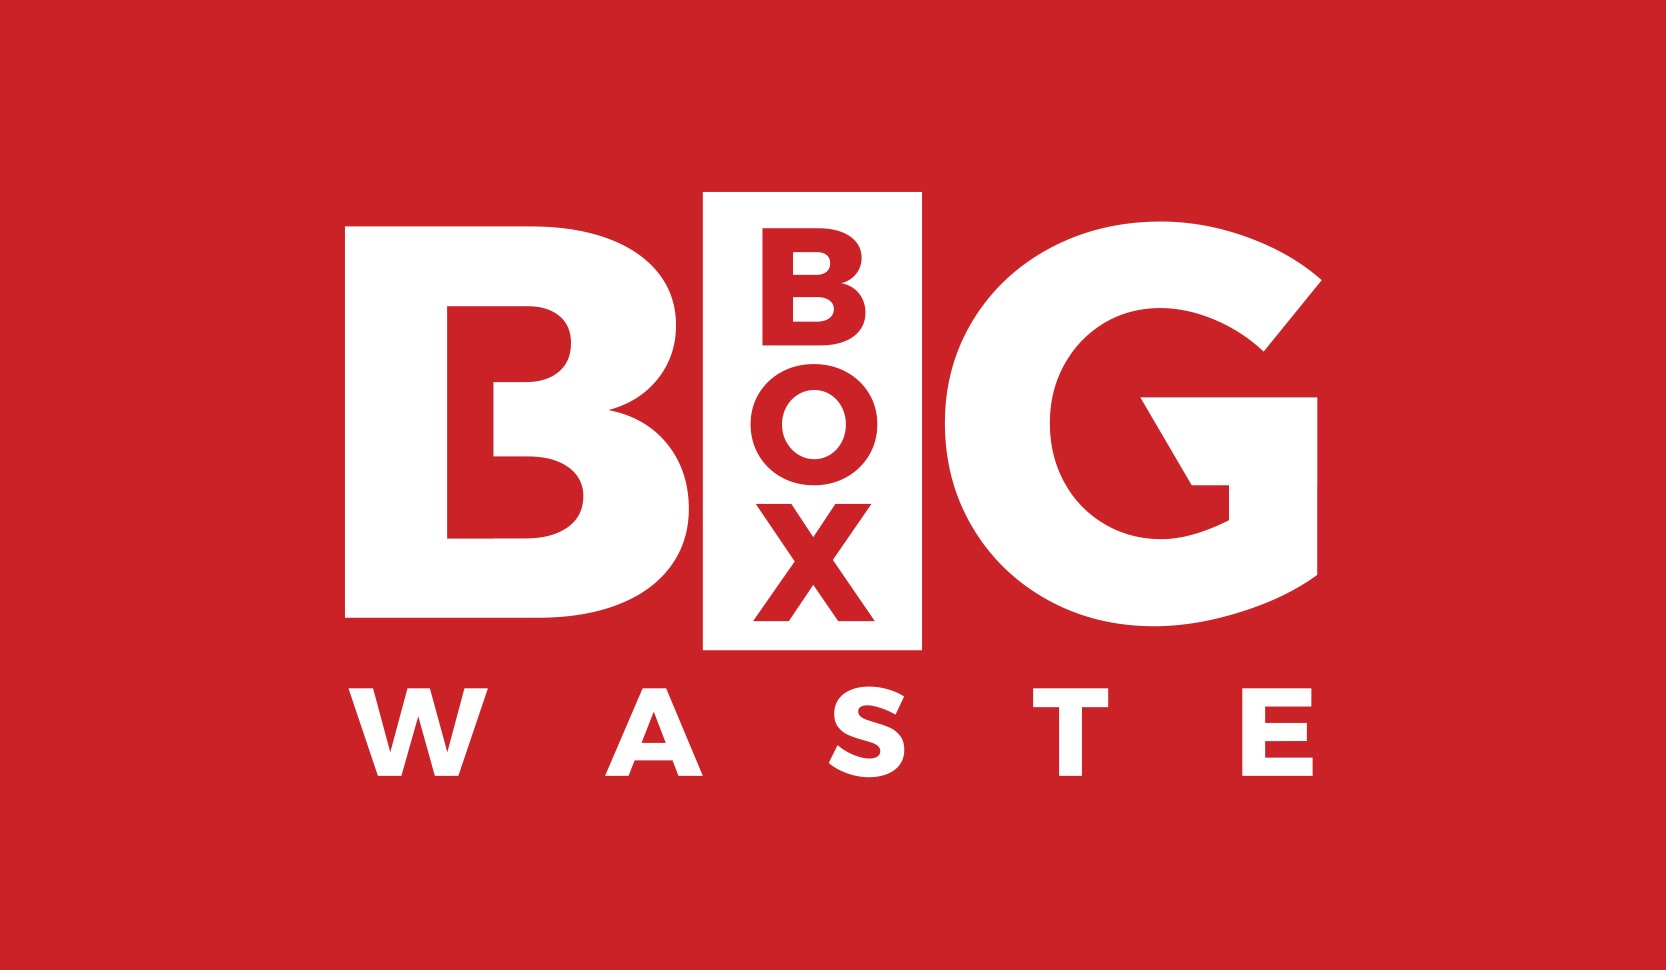 Big Box Waste - West Texas